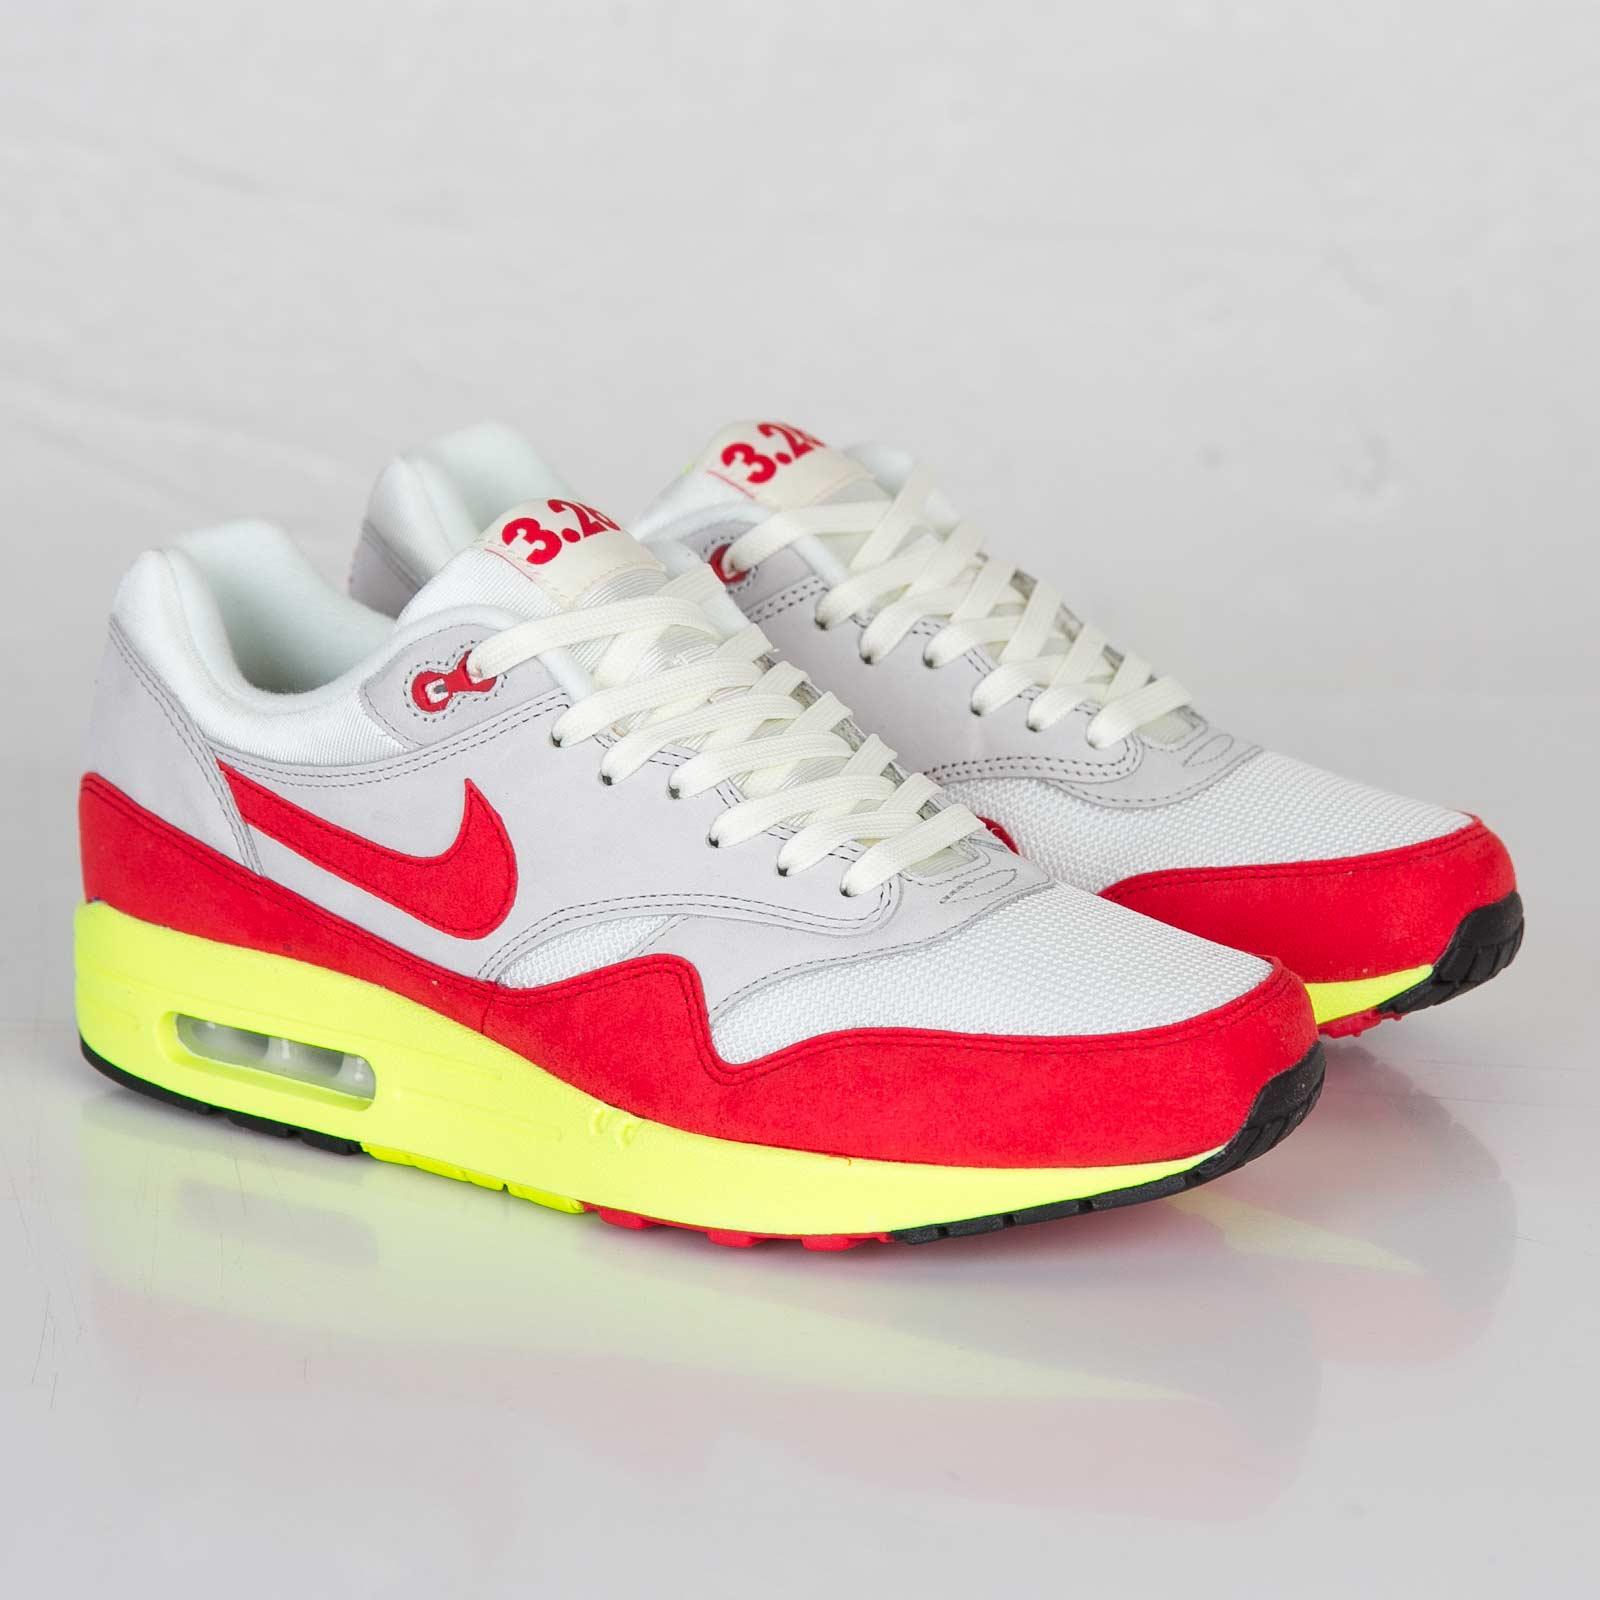 Nike Air Max 1 Premium QS - 665873-106